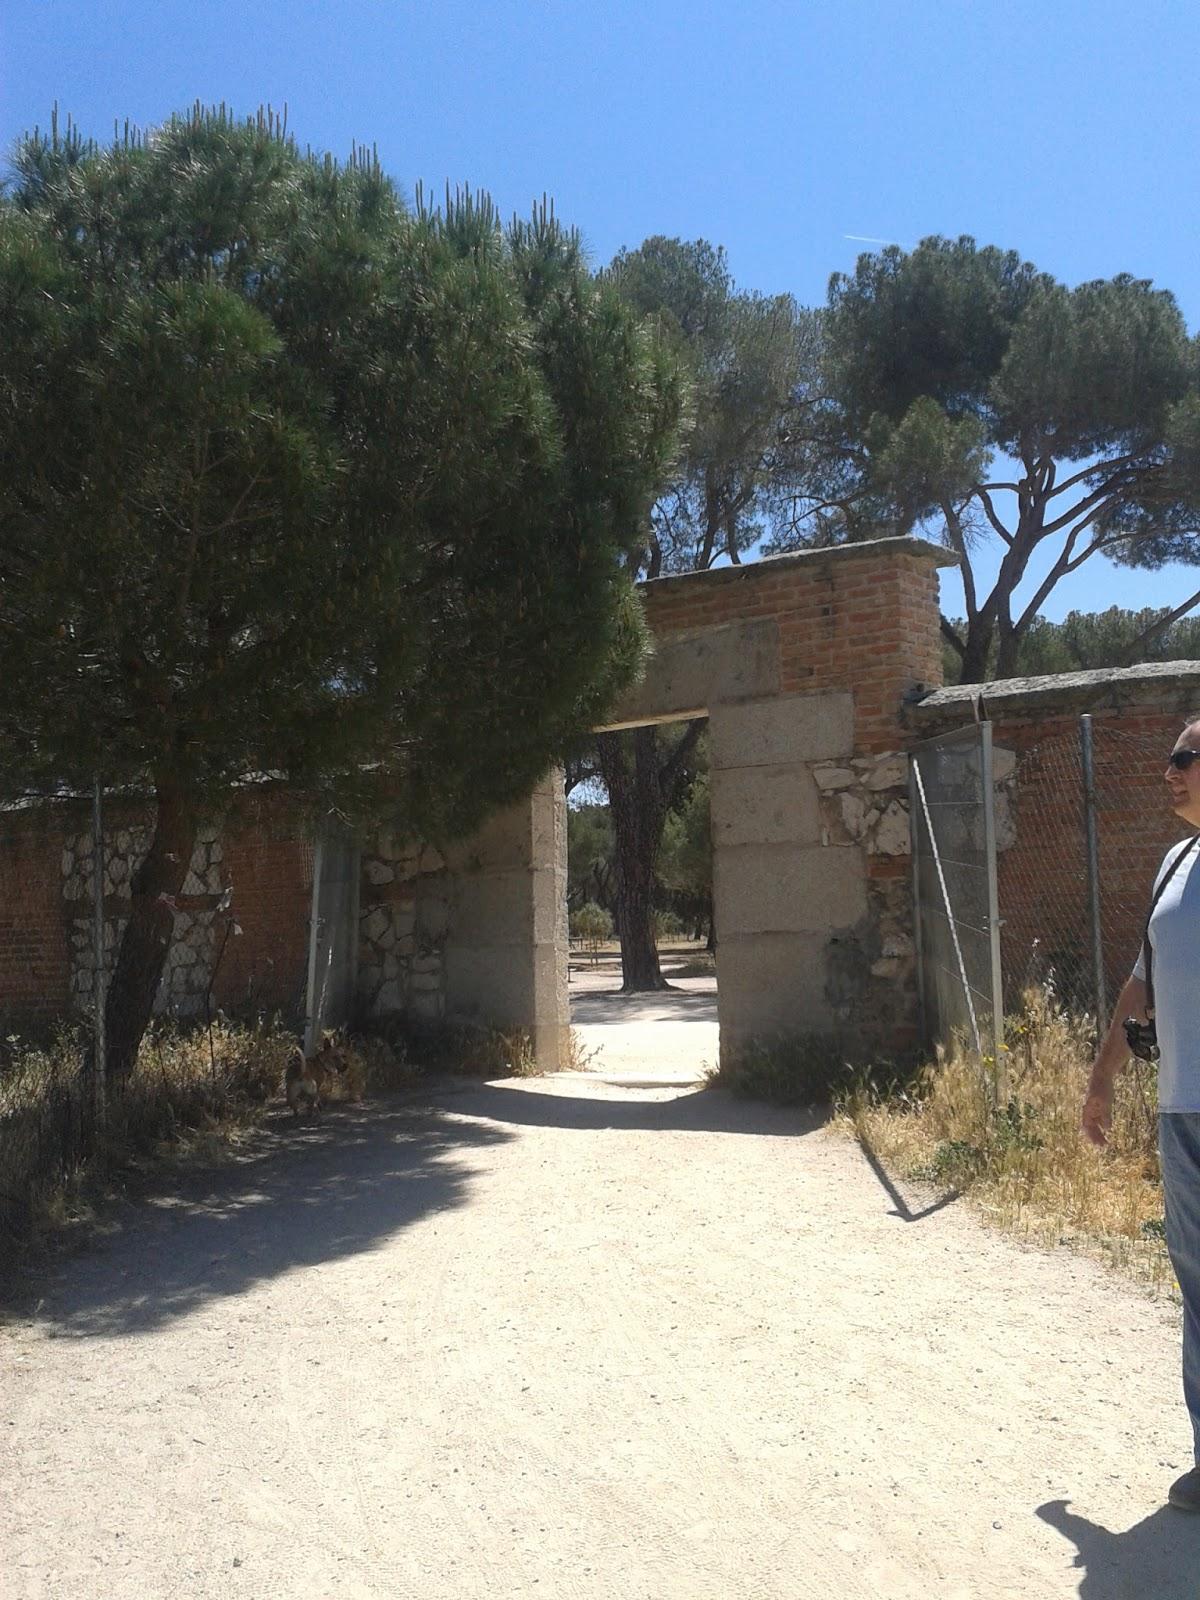 La entrada a la casa de campo por h mera el portillo de - Entradas de casas de campo ...